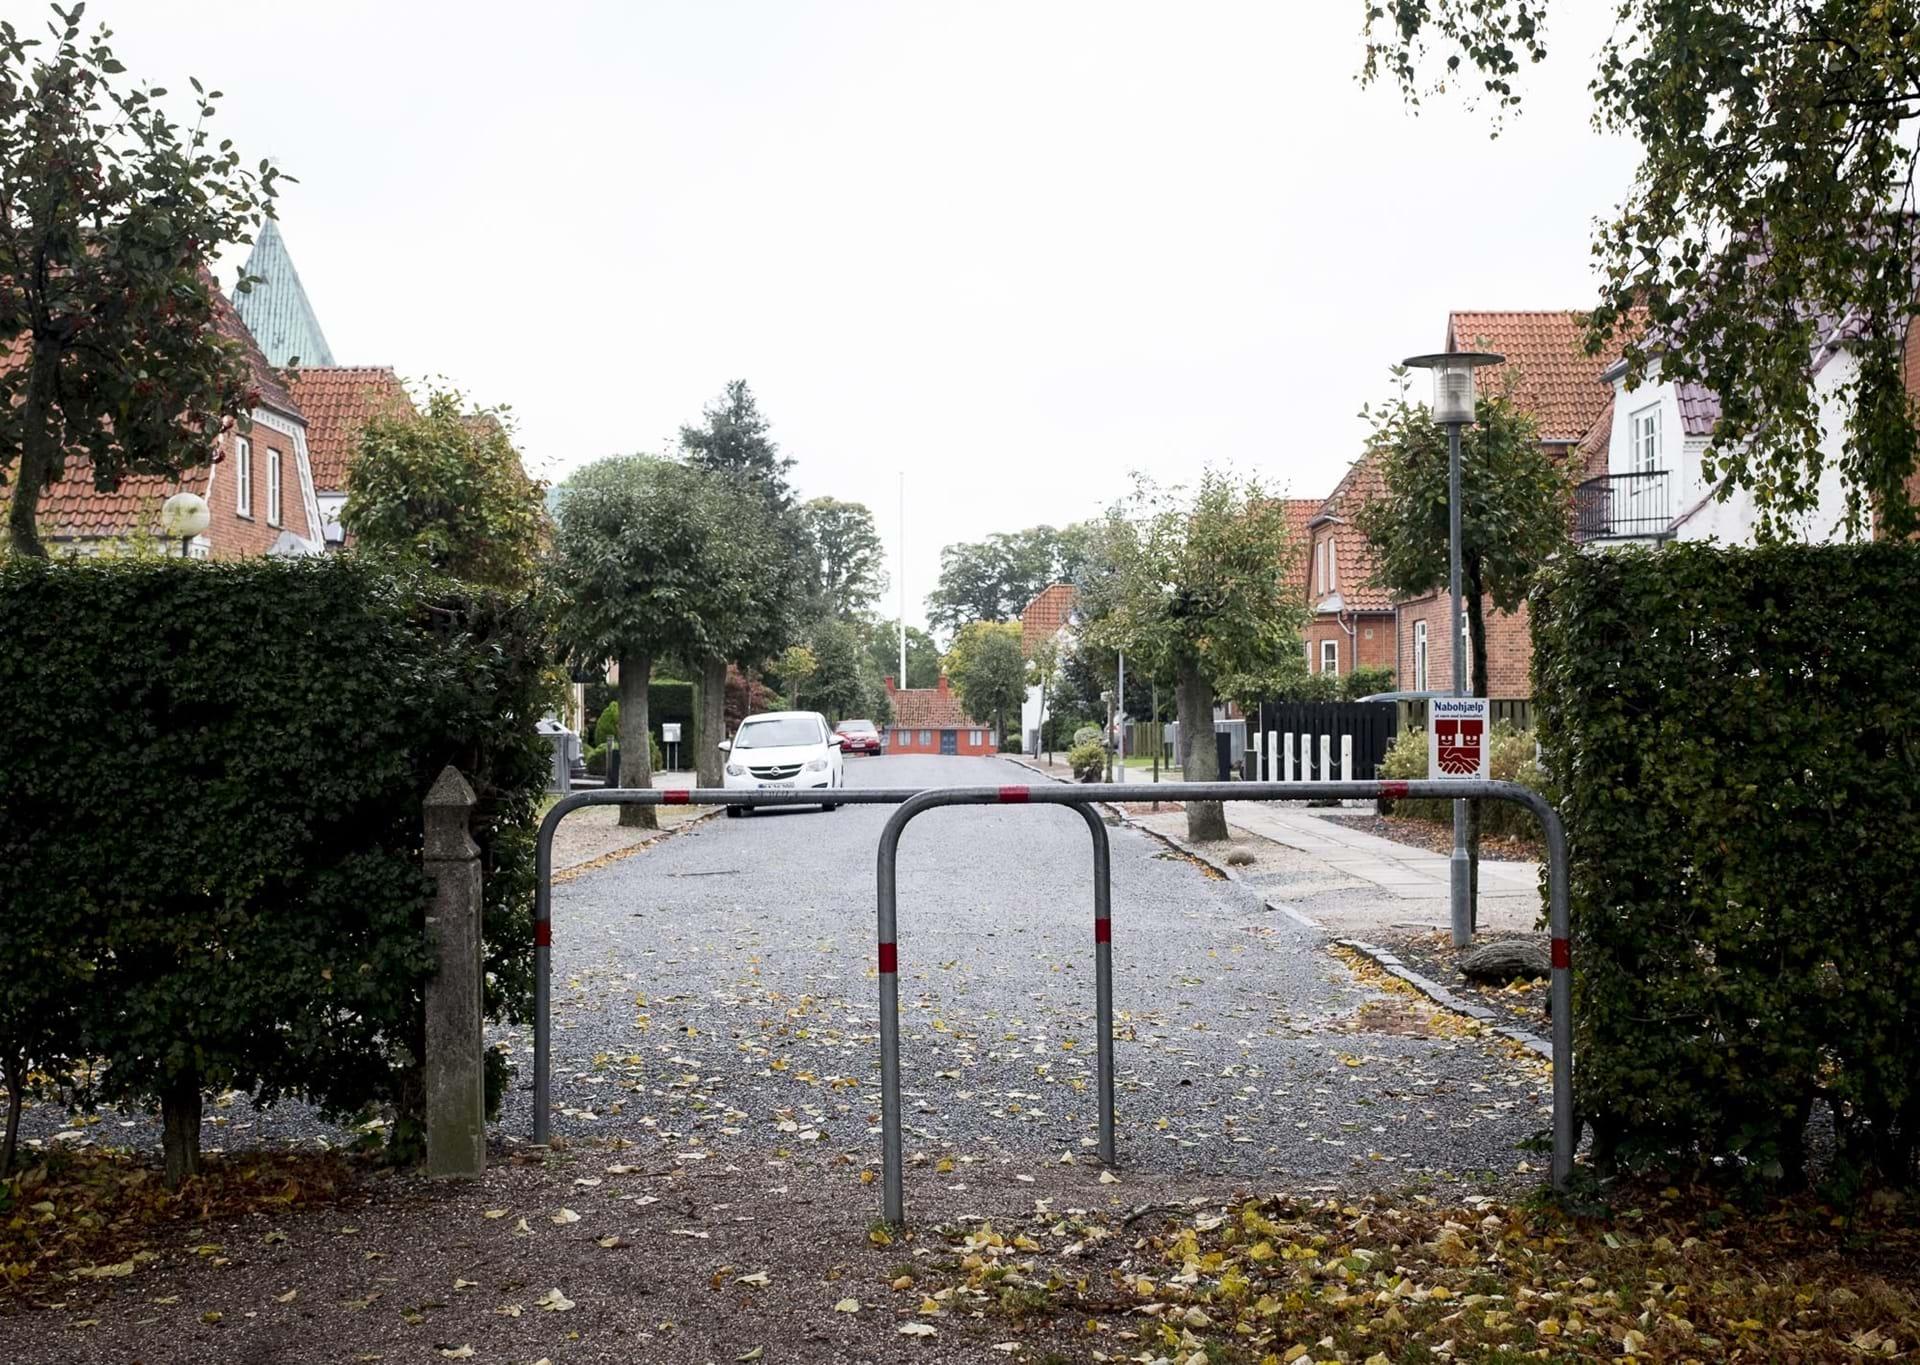 Hyggelig villavej med flotte murermestervillaer i centrum af Ringsted